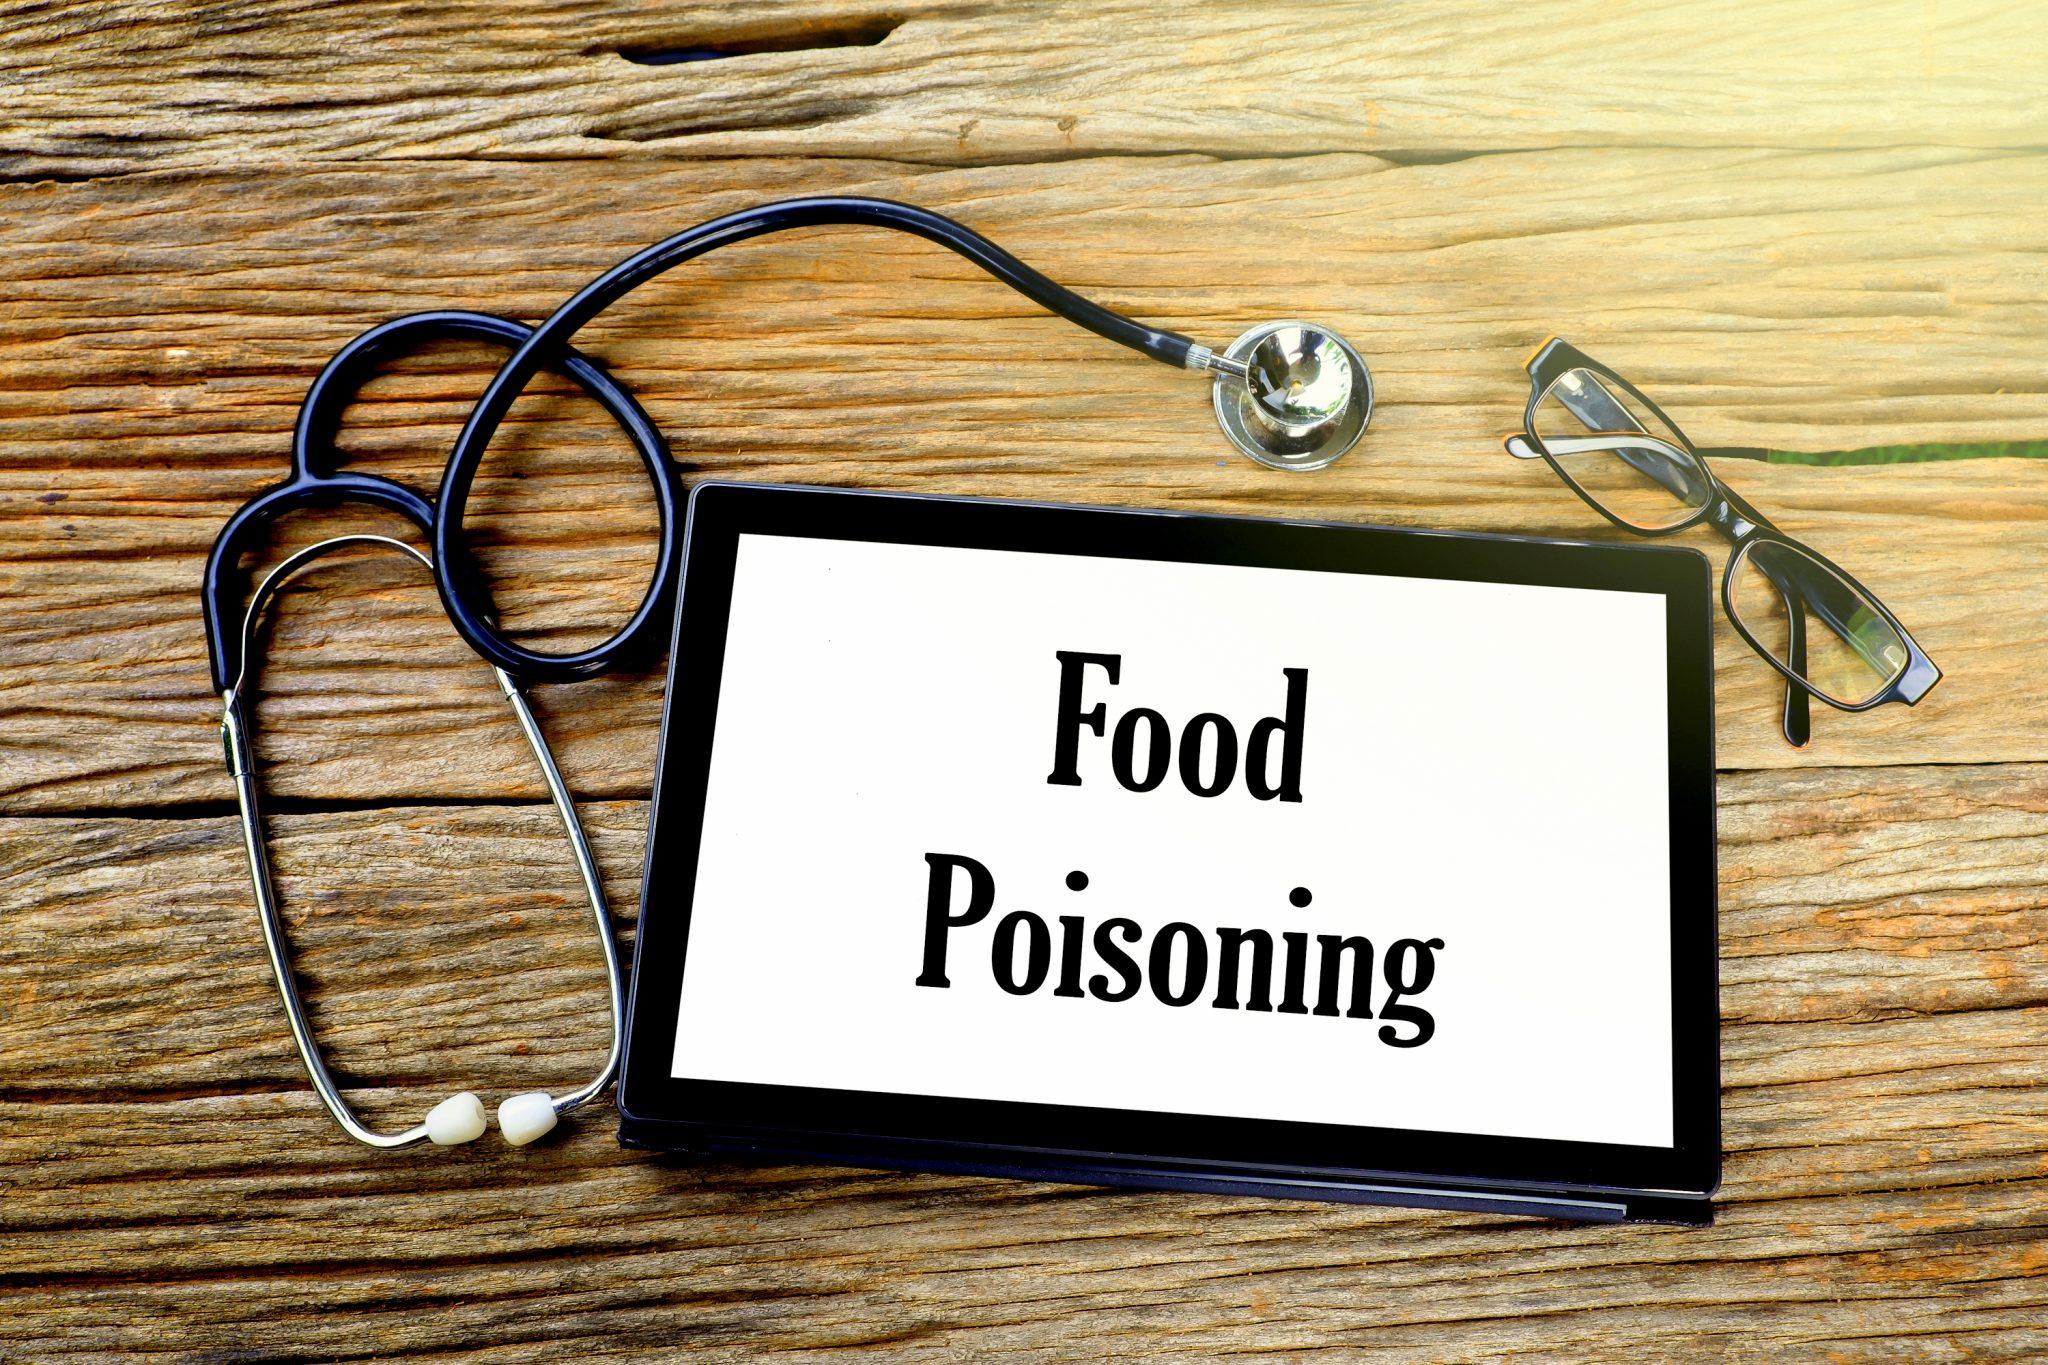 医療器具と食中毒の警告